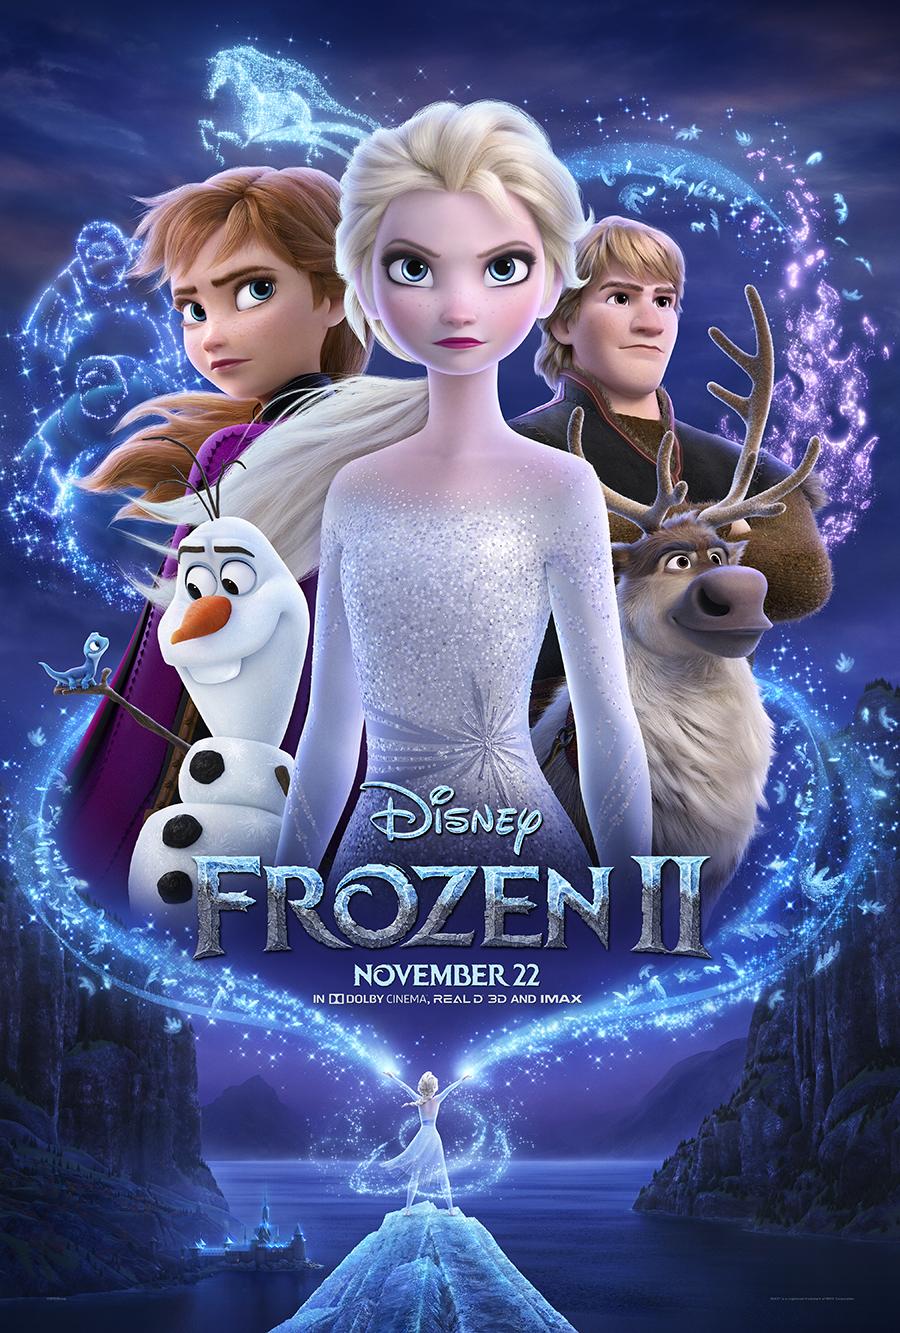 Frozen 2 Official Poster, #Frozen2